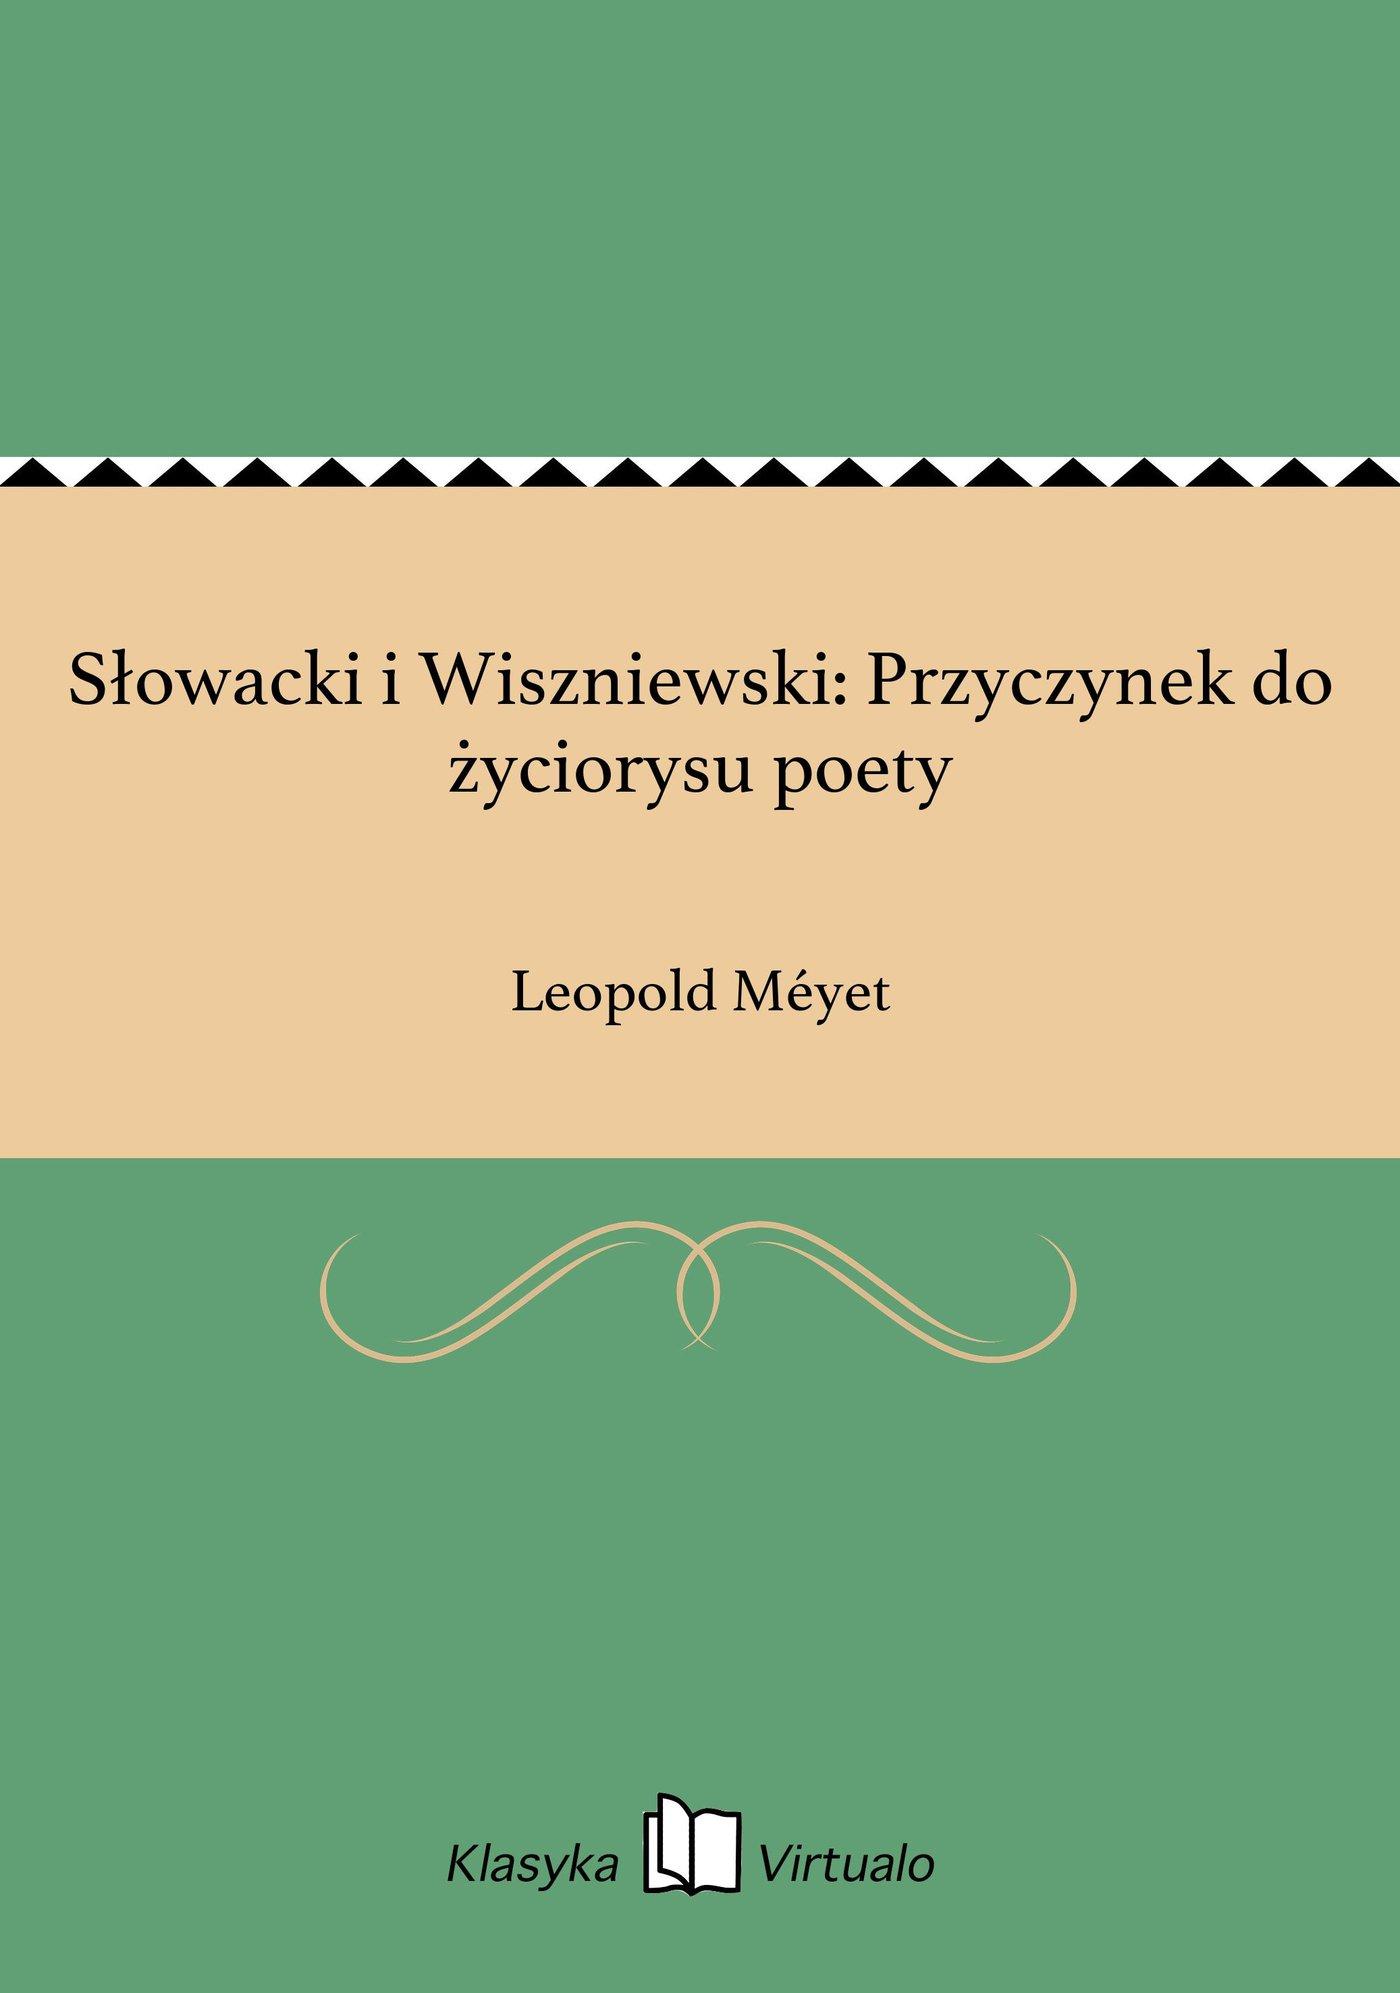 Słowacki i Wiszniewski: Przyczynek do życiorysu poety - Ebook (Książka EPUB) do pobrania w formacie EPUB